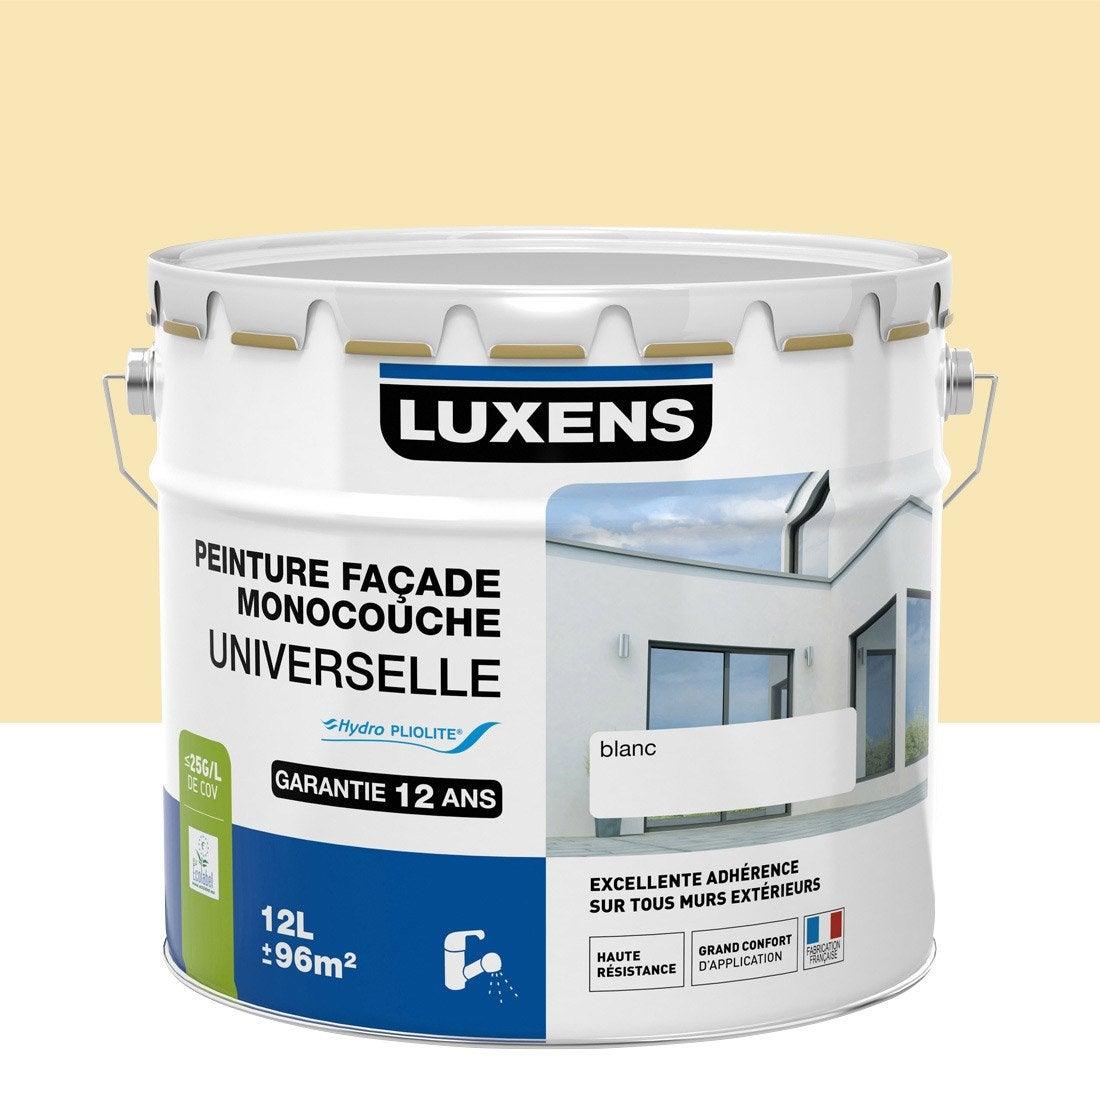 Peinture fa ade universelle luxens ton pierre 10 l for Peinture appui de fenetre ton pierre